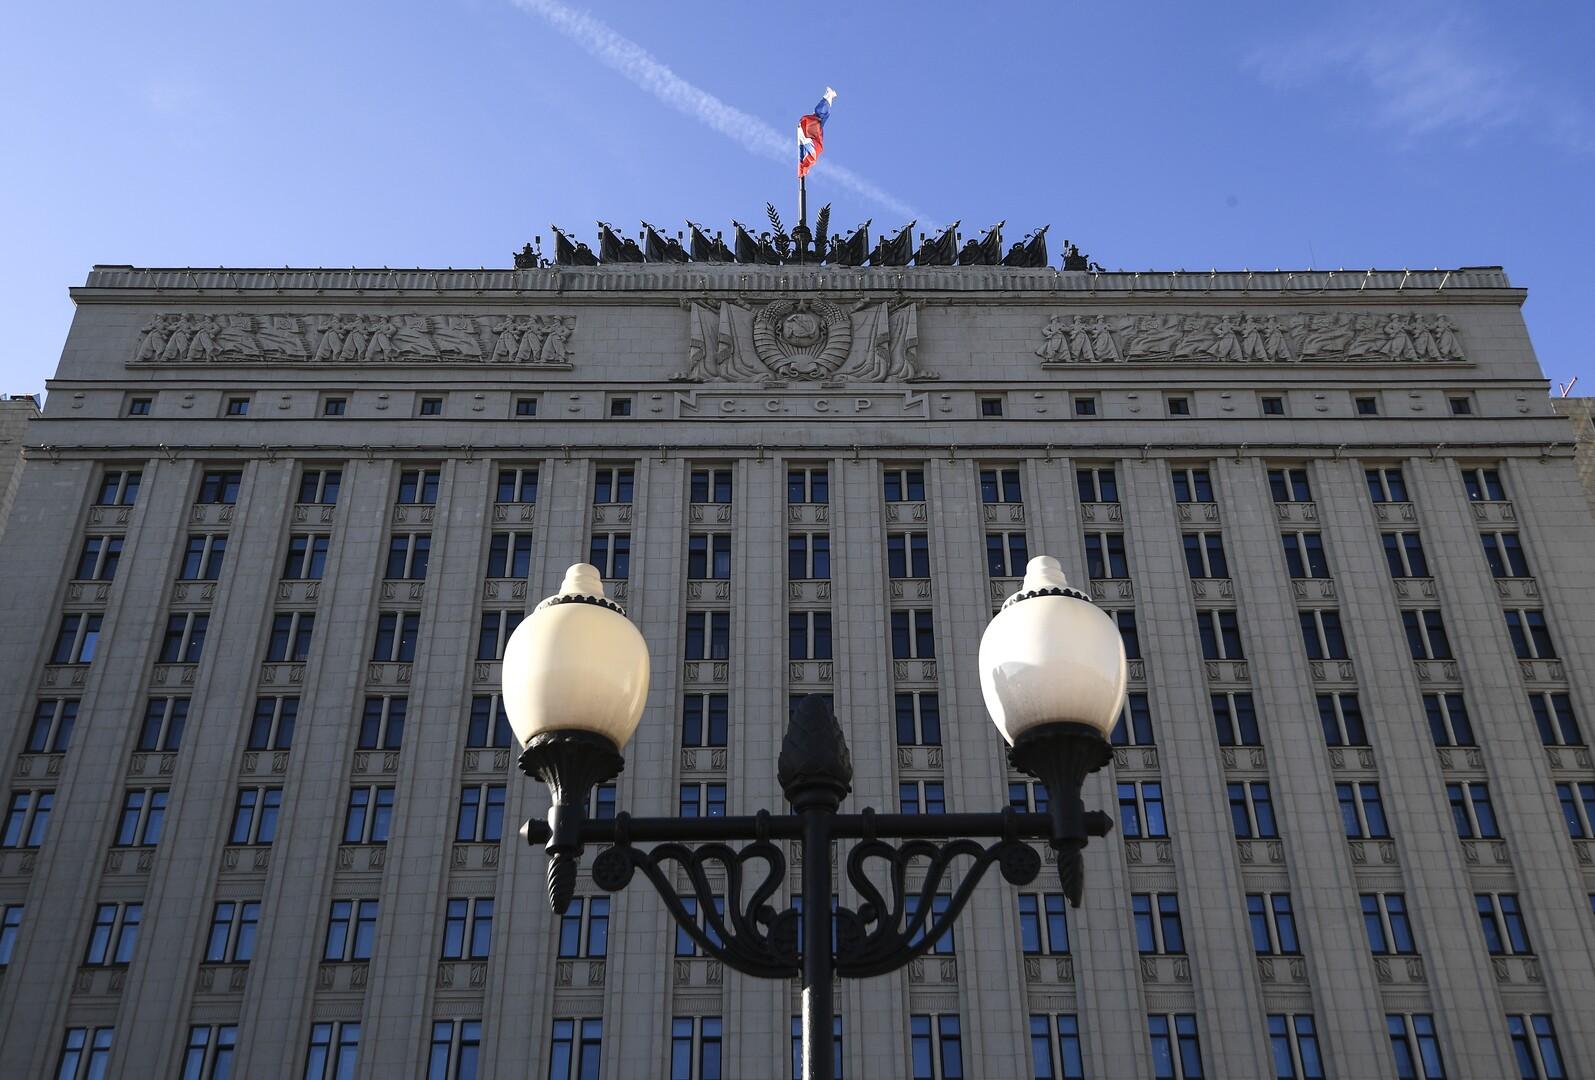 مبنى وزارة الدفاع الروسية في موسكو، أرشيف